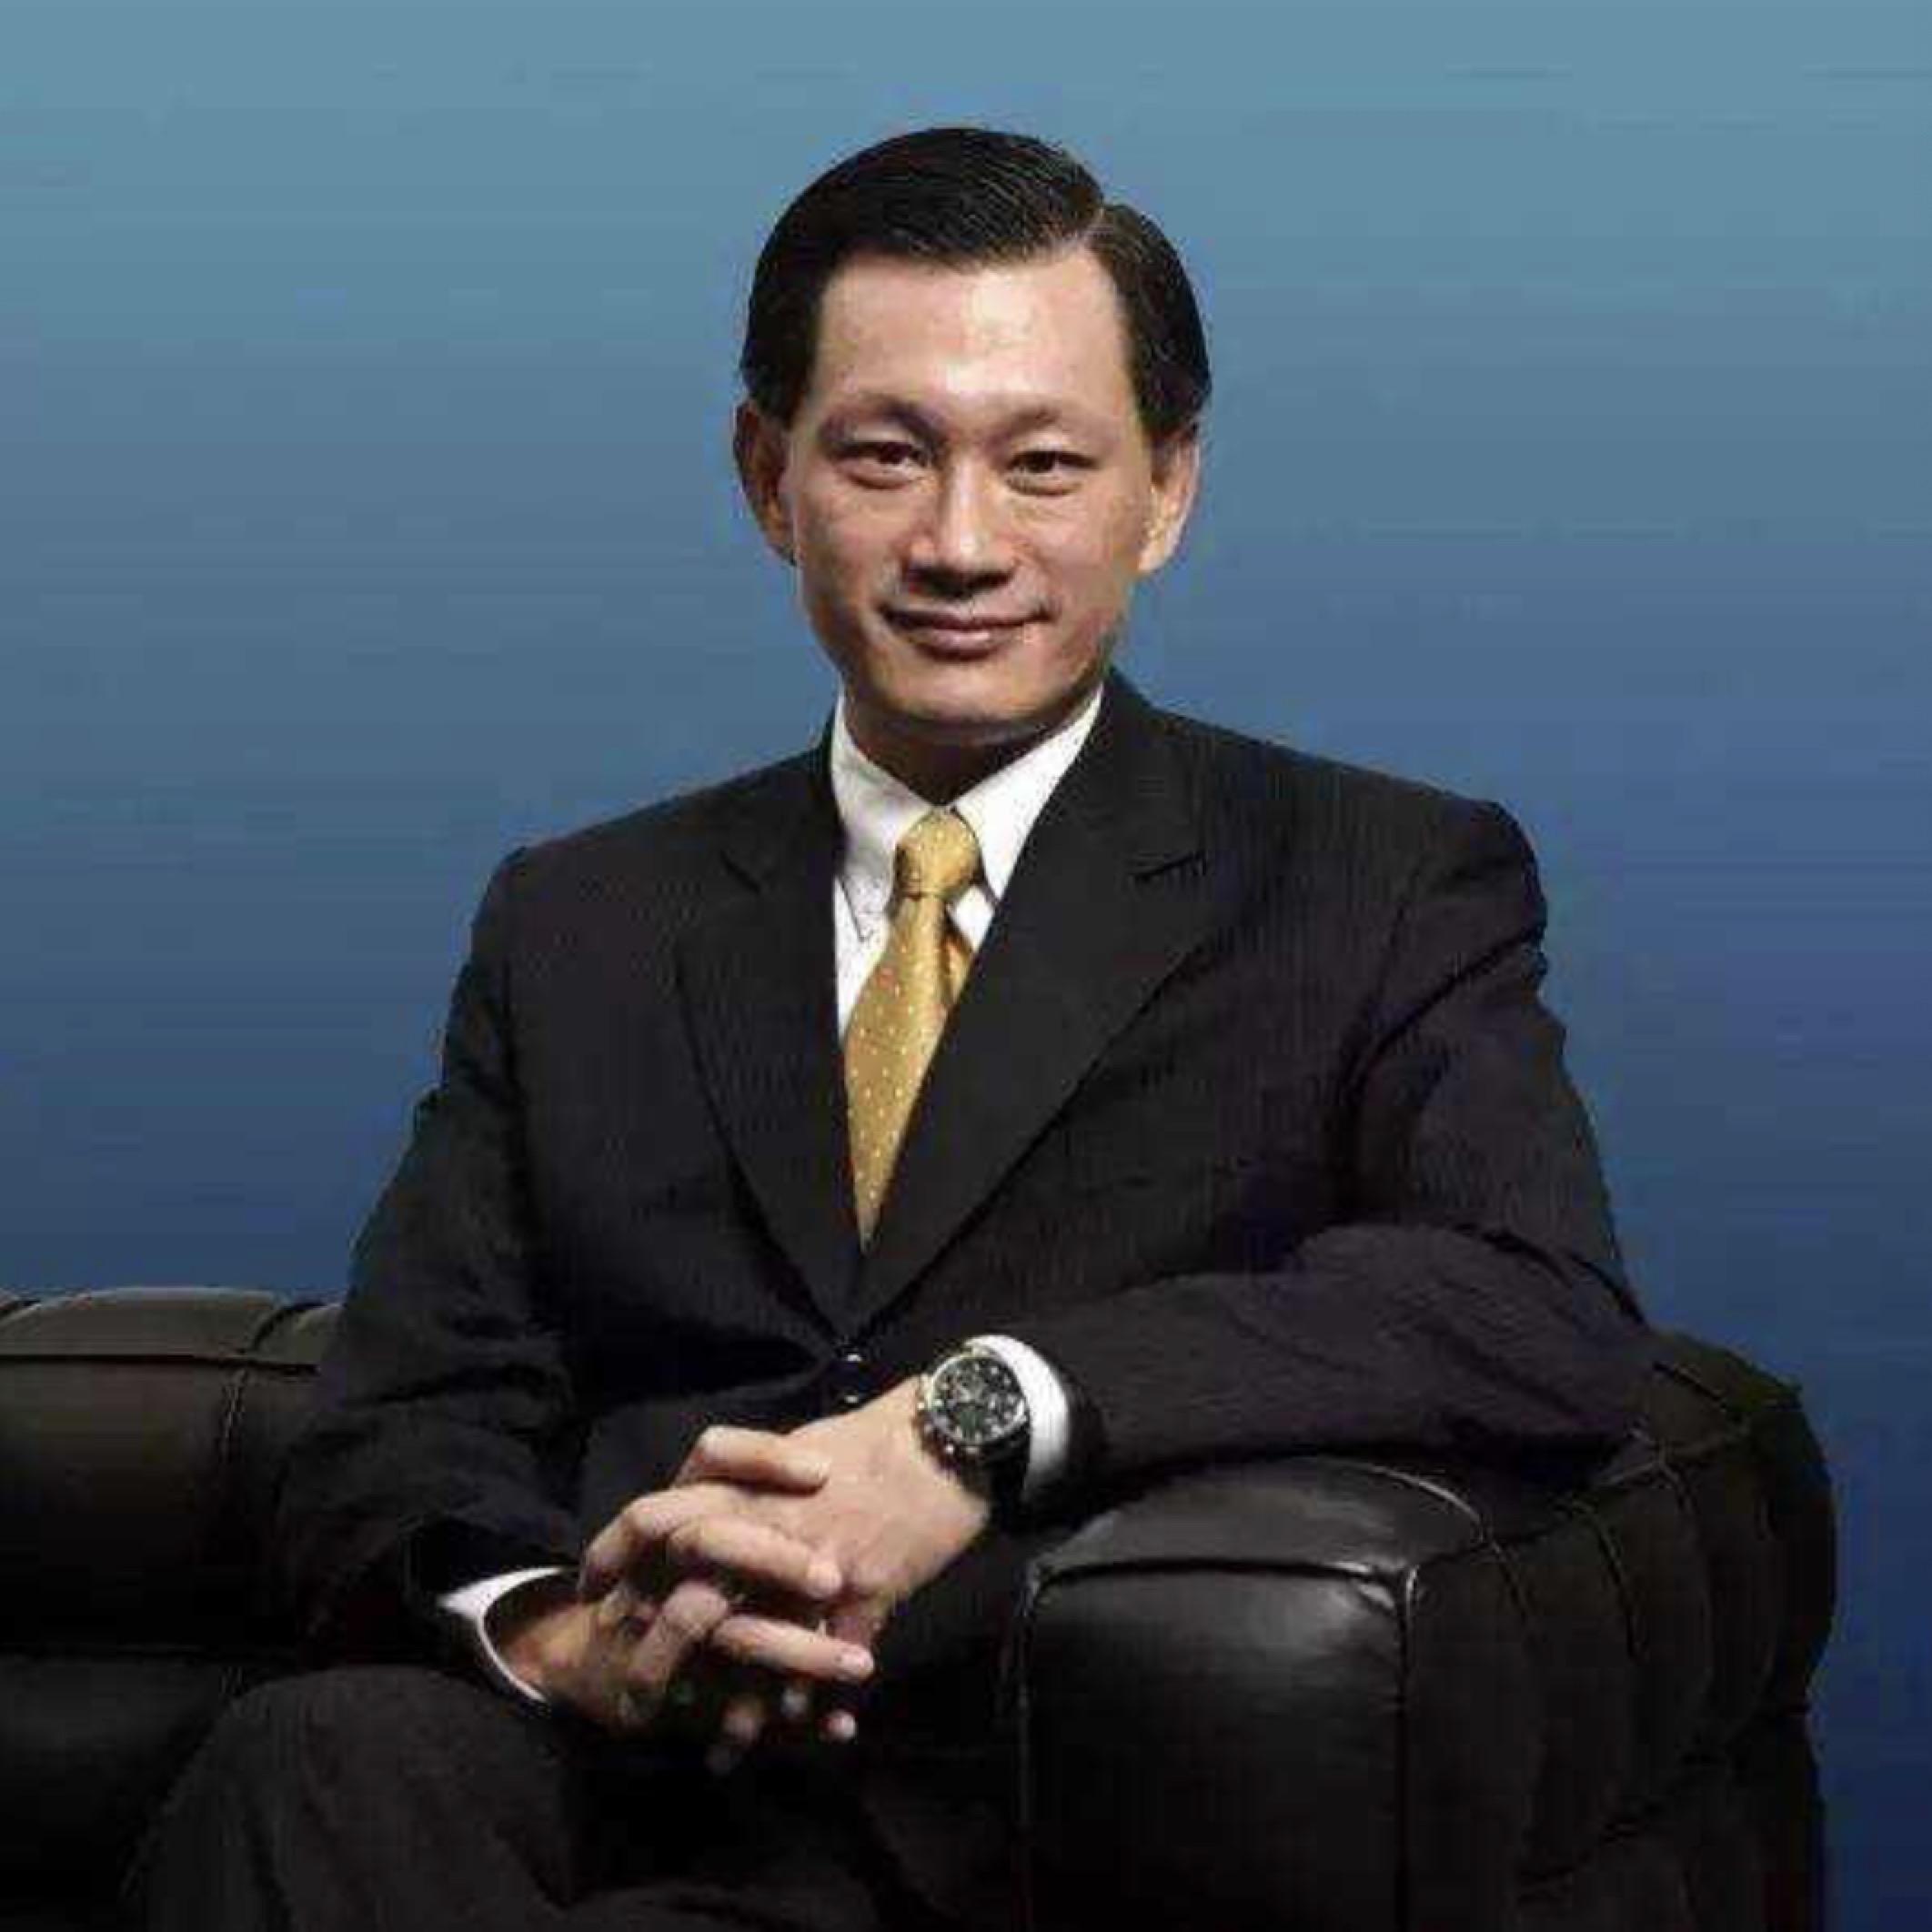 福特中国再次迎来人事任命刘宗信再次加盟福特汽车 【图】